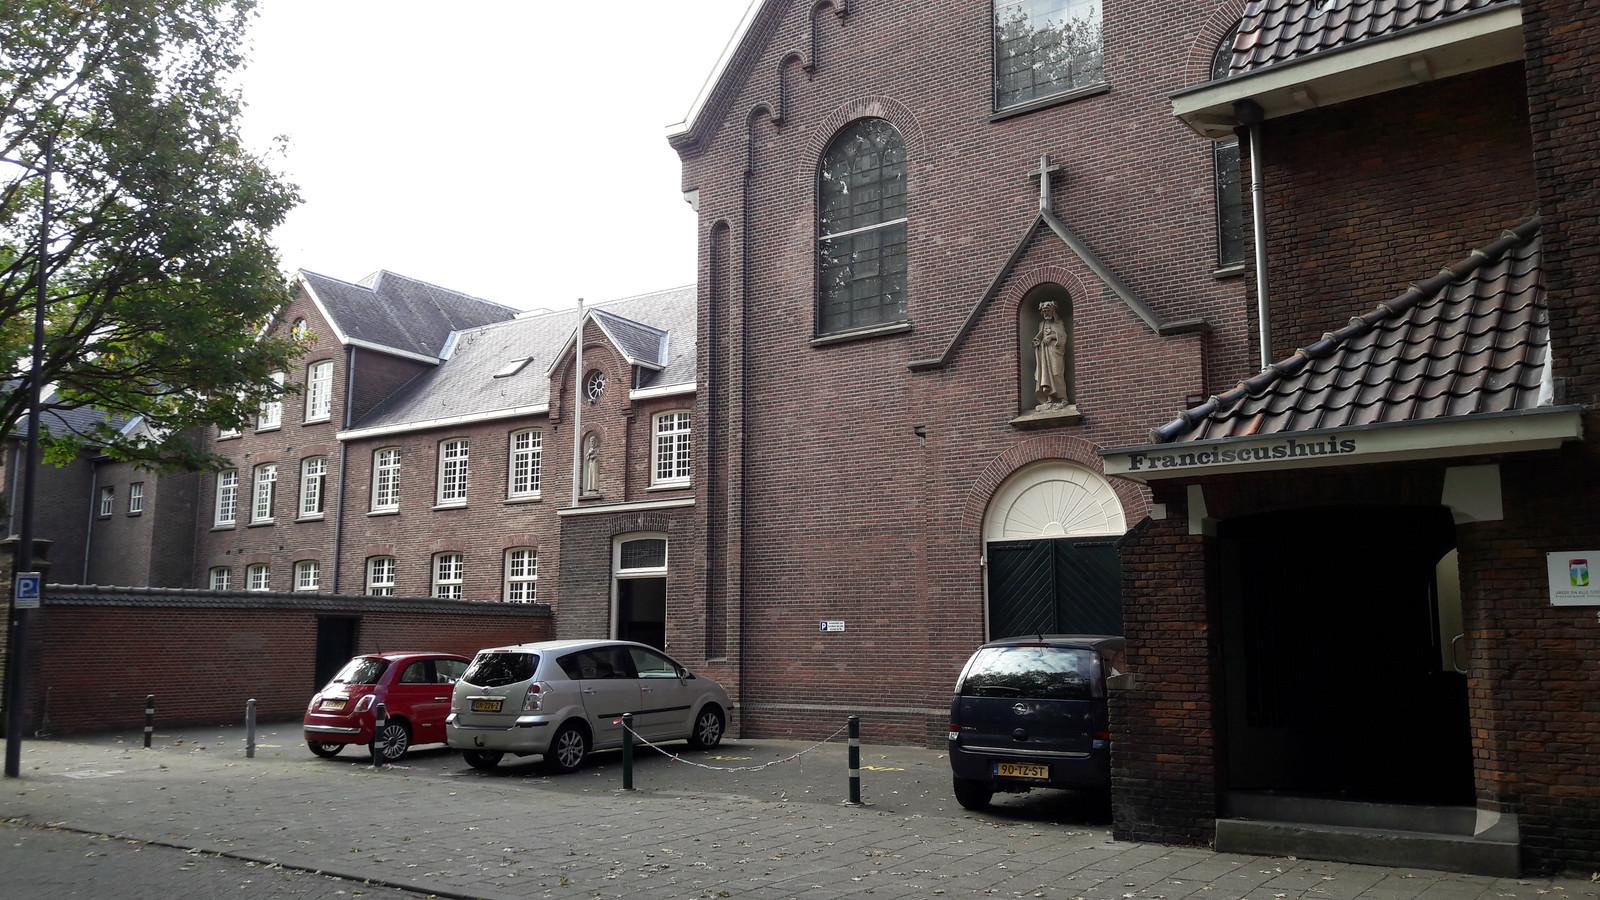 In het voormalig kapucijnenklooster aan de Van der Does de Willeboissingel zit nu Stadsklooster San Damiano.